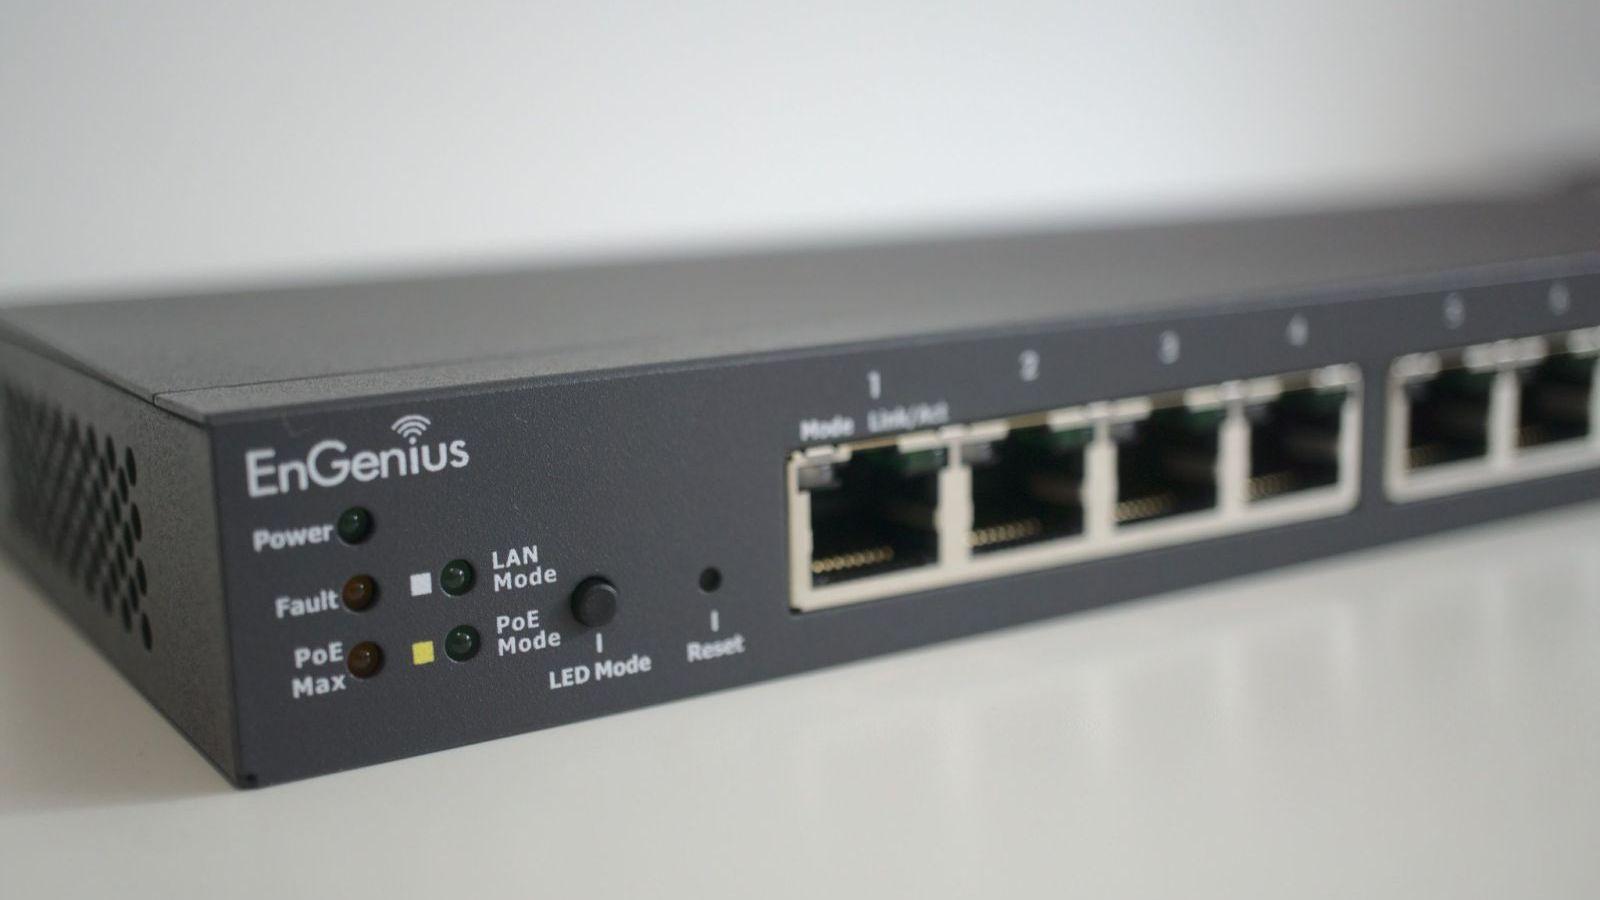 EnGenius ECS1008P